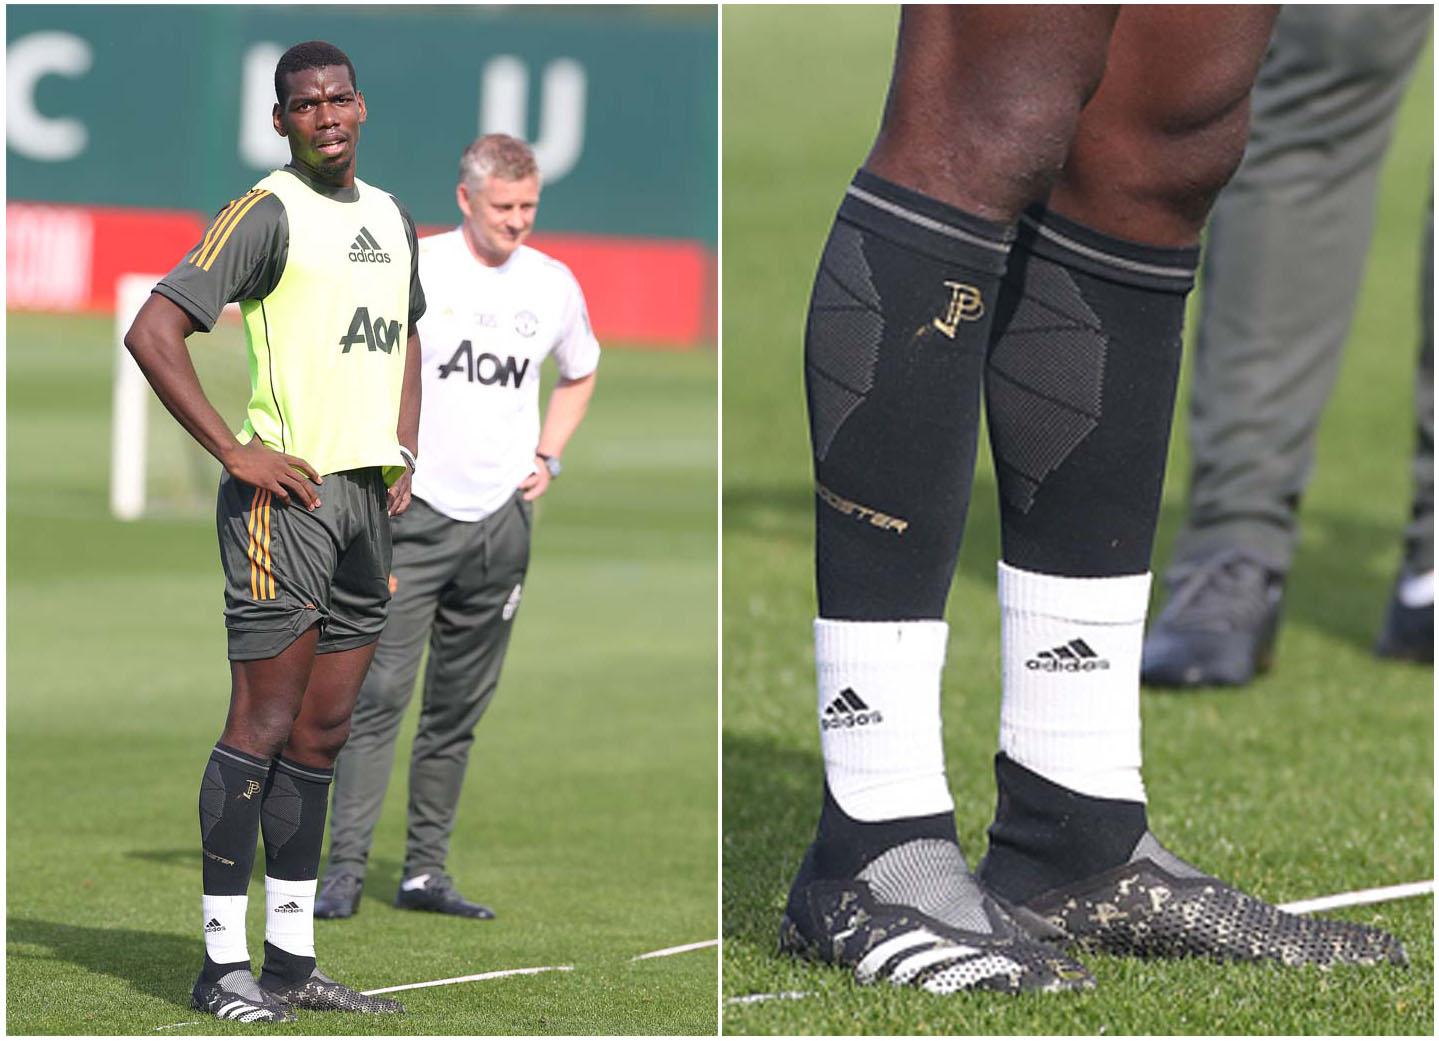 Giày bóng đá Adidas Pogba với nhiều thiết kế đặc biệt mang dấu ấn của Pogba